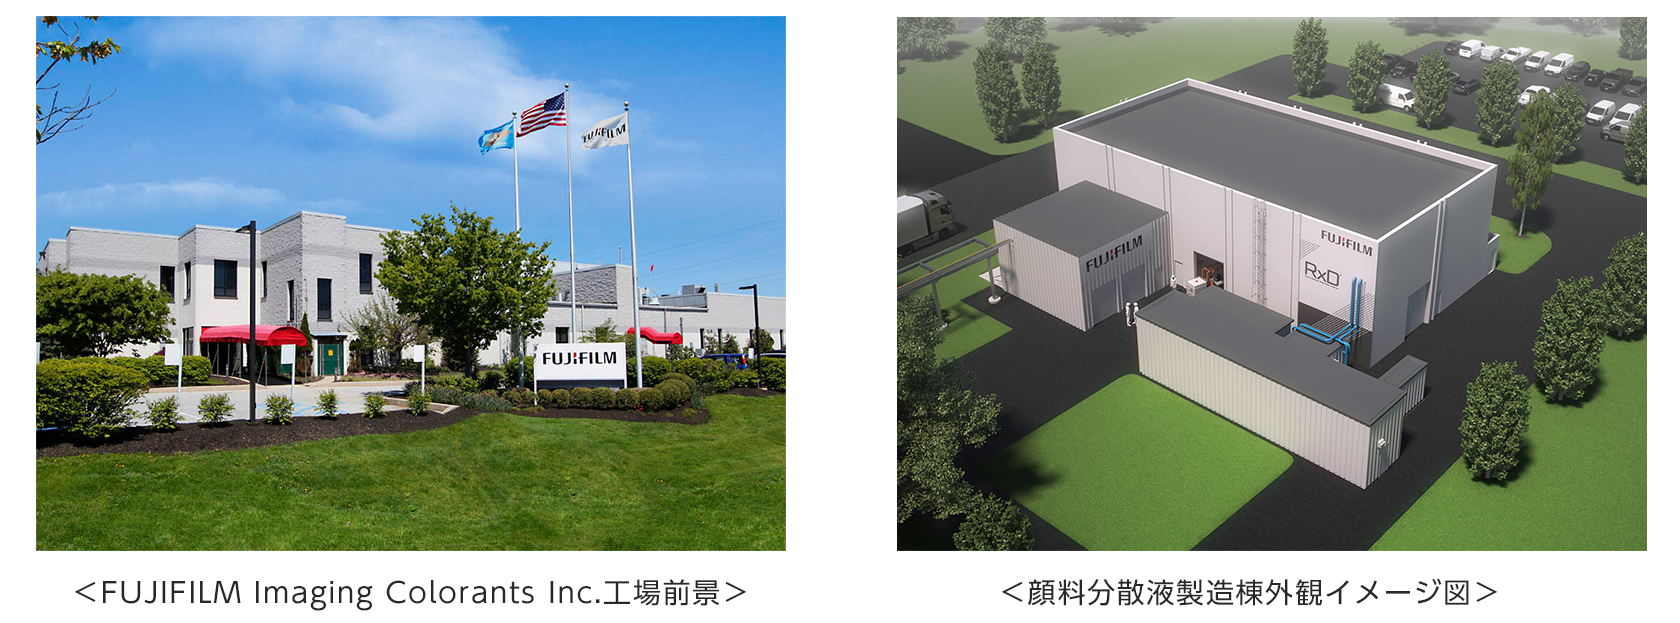 [画像]FUJIFILM Imaging Colorants Inc.工場前景, 顔料分散液製造棟外観イメージ図